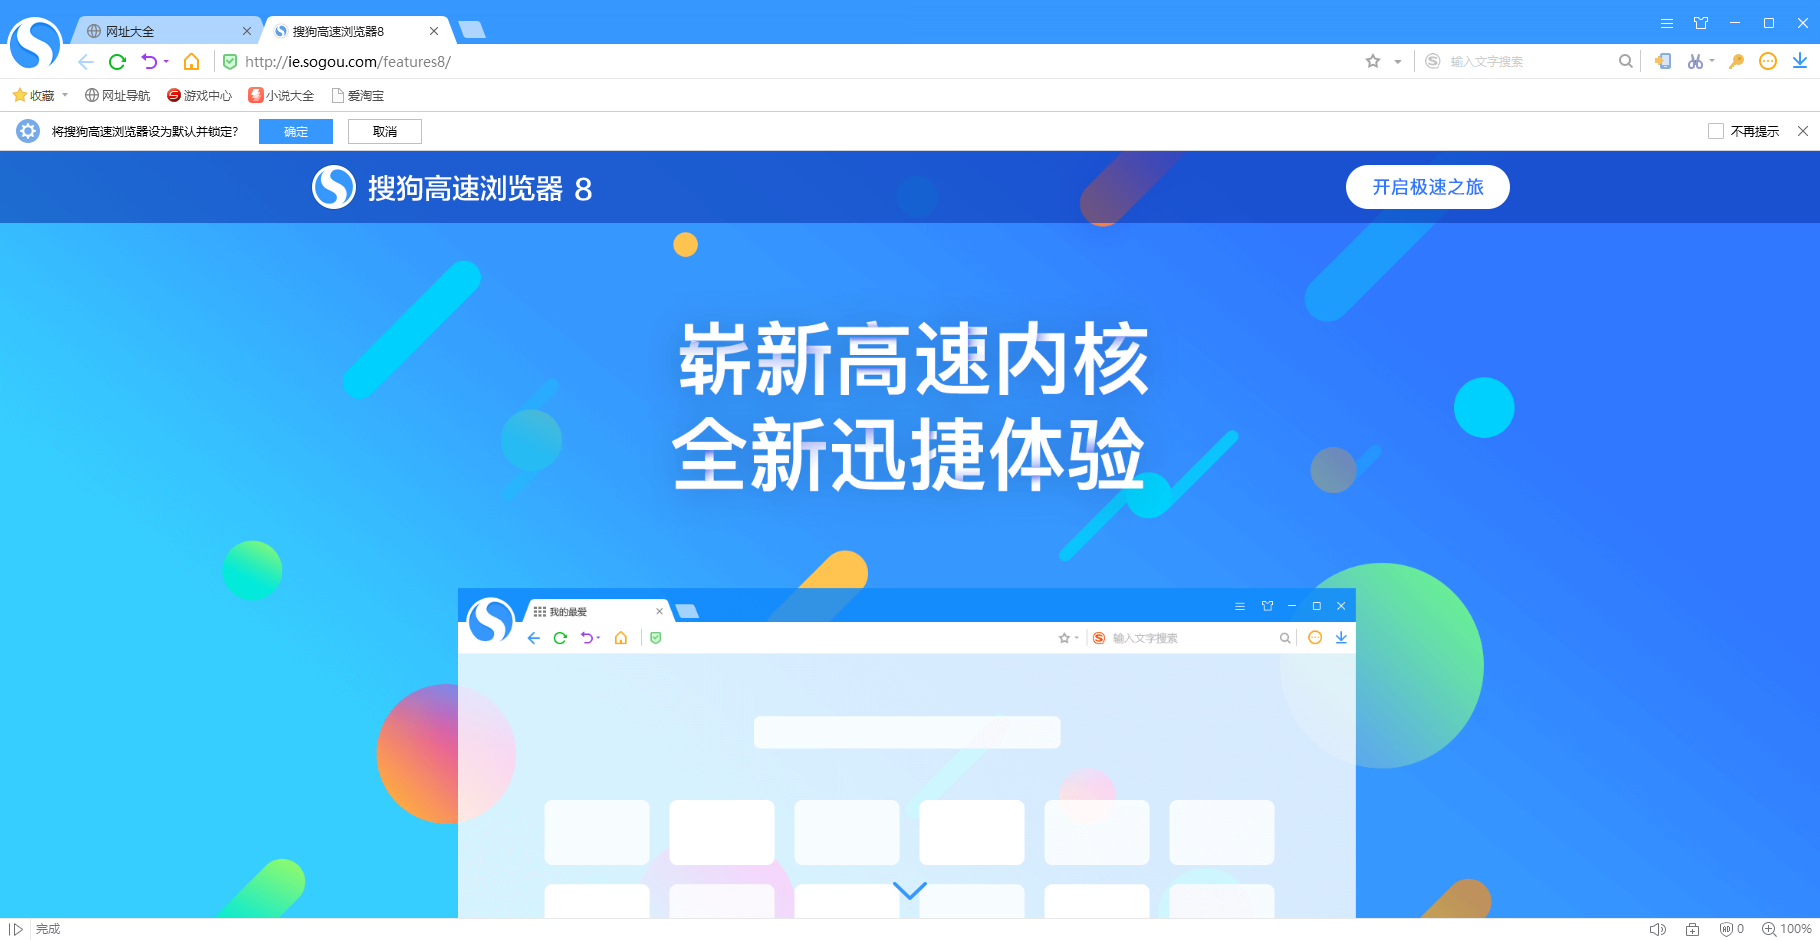 搜狗高速浏览器2021最新官方版下载